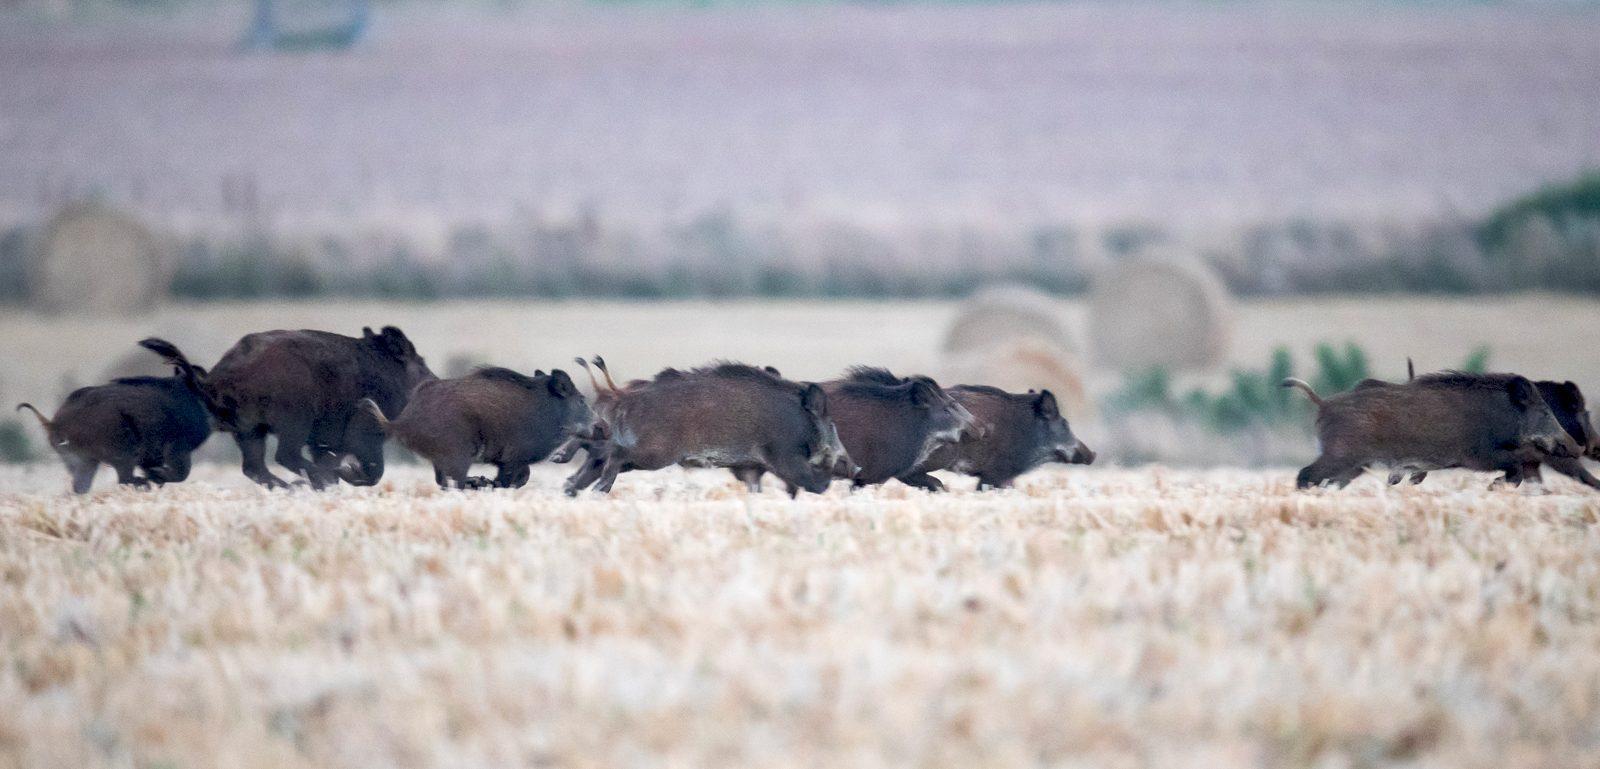 compagnie de sangliers en plaine